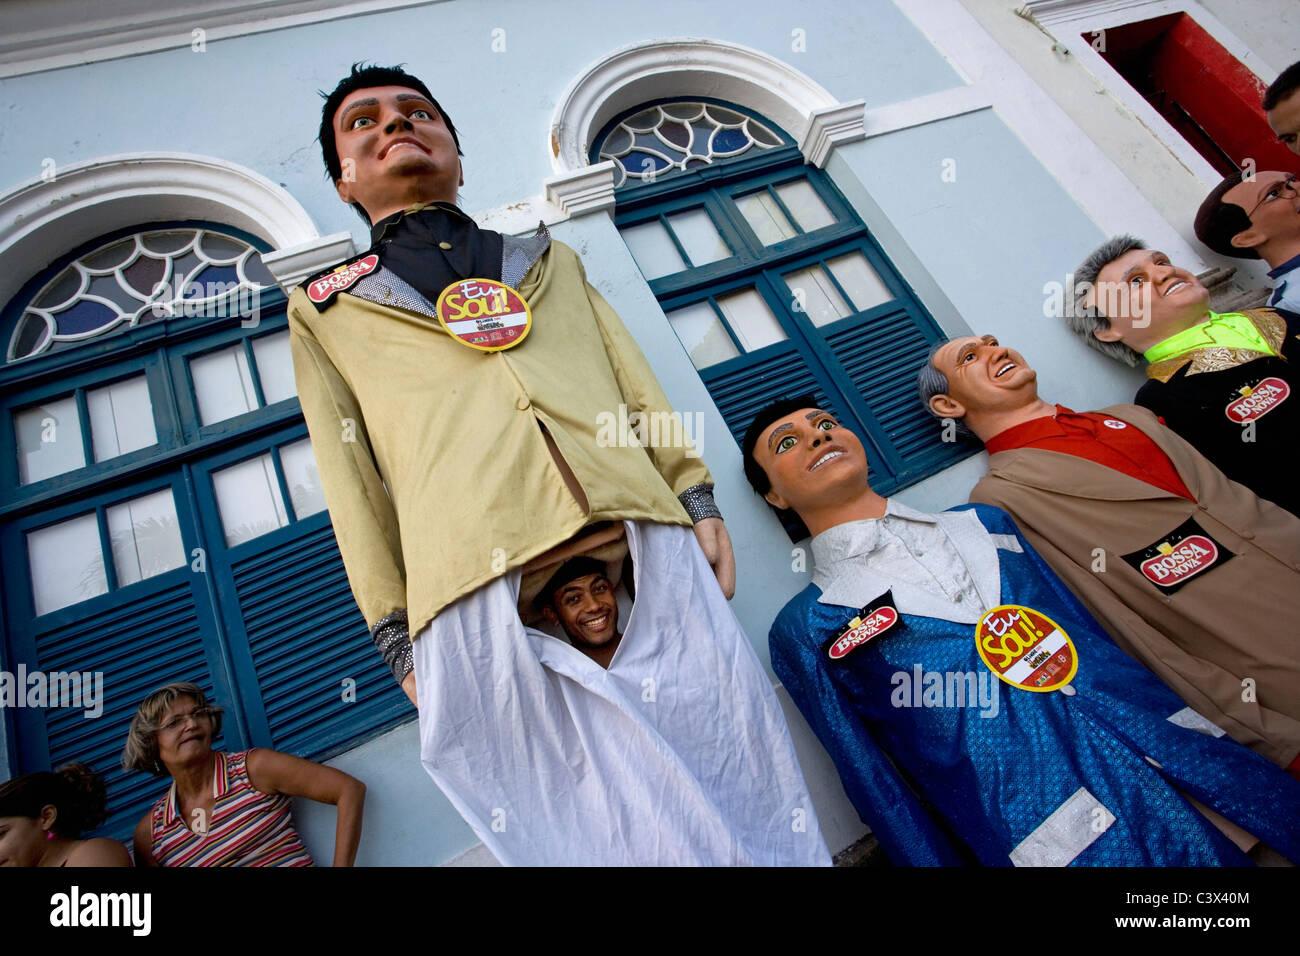 Brasilien, Olinda, Riesen Papiermaché Puppen verwendet im Karneval genannt Bonecos Gigantes de Olinda. Stockbild